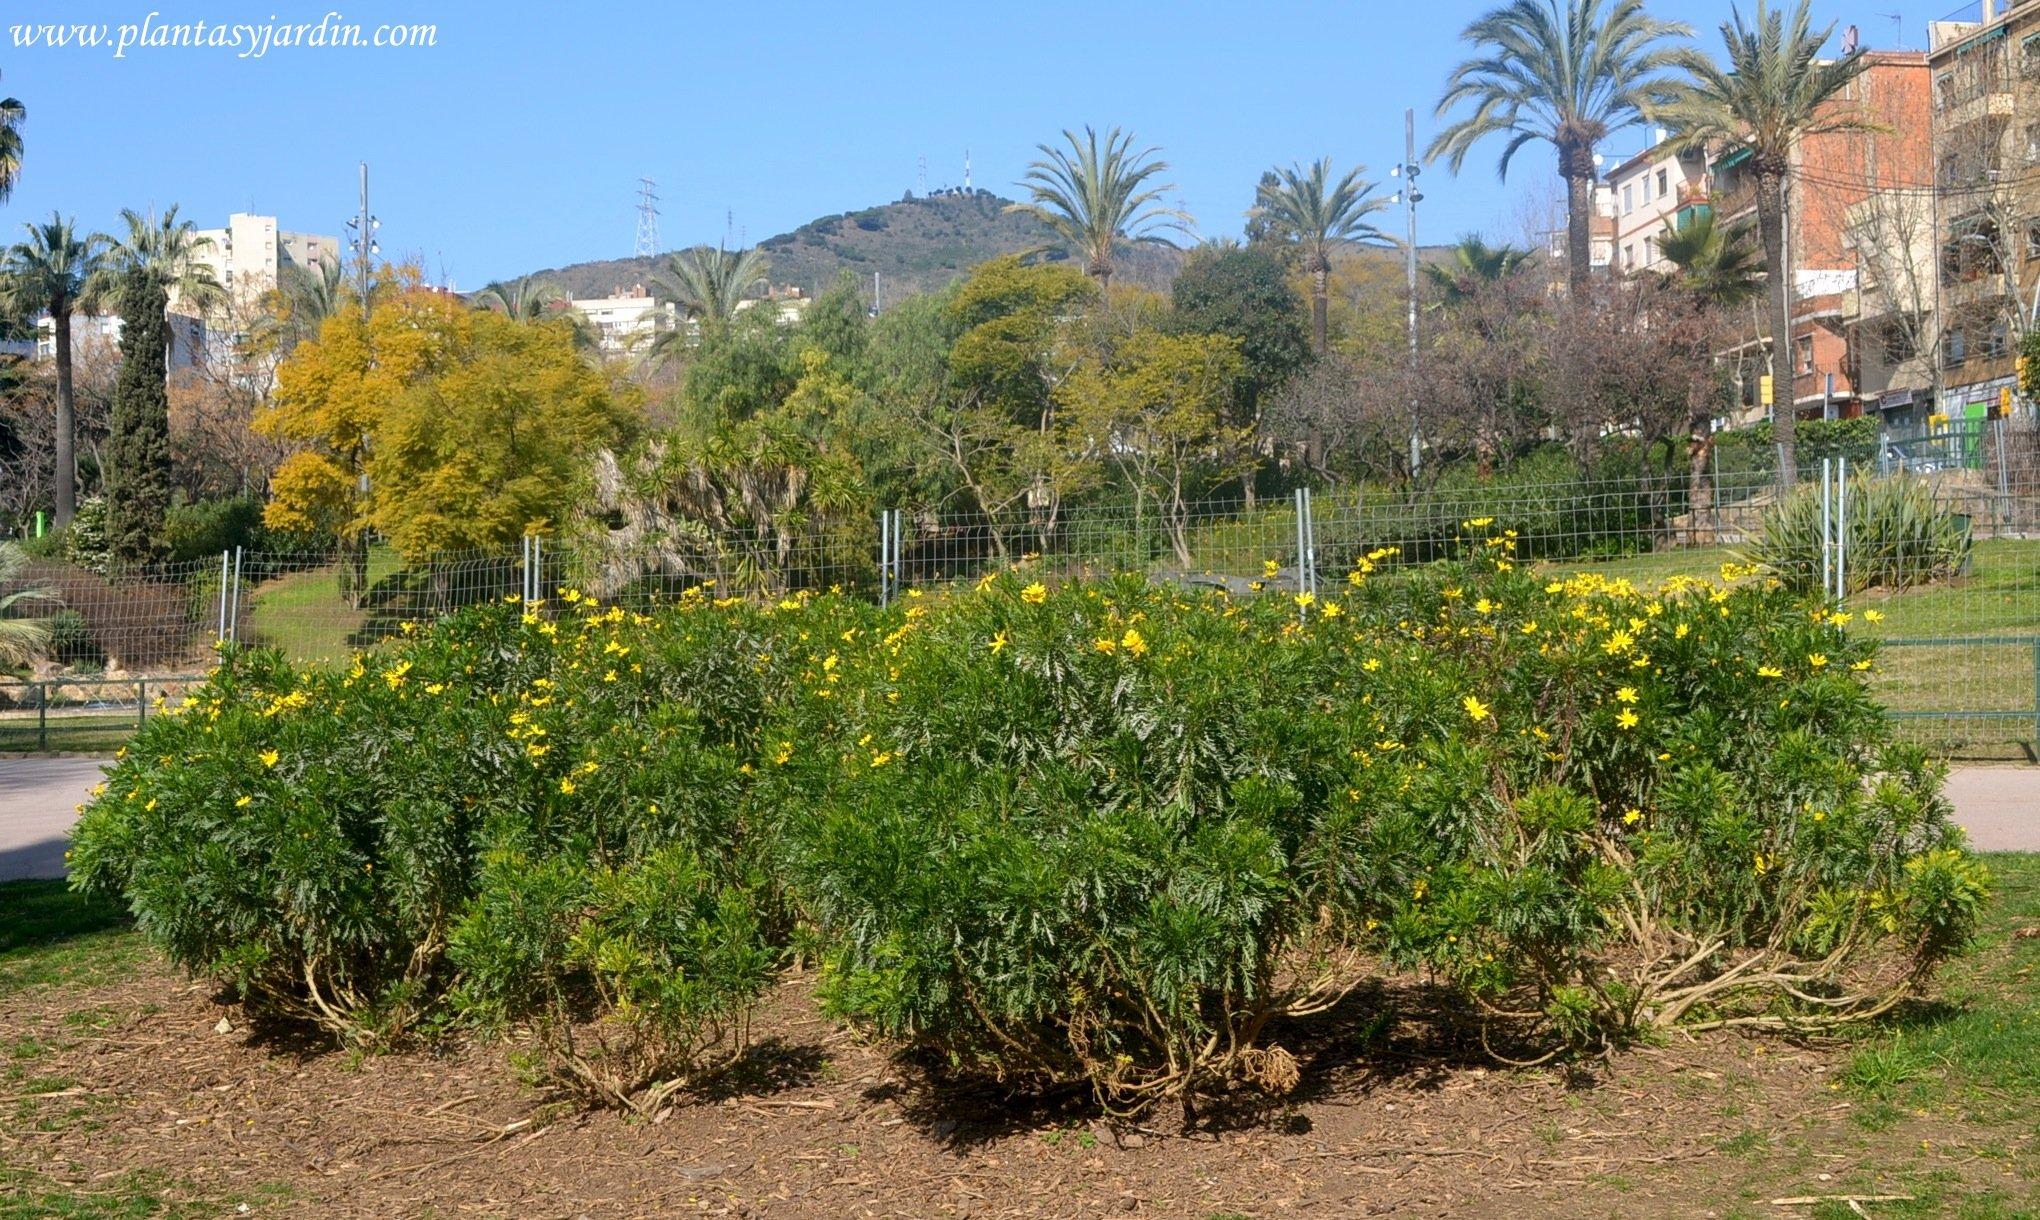 Arbustos con floraci n invernal plantas y jard n - Arbustos perennes con flor ...